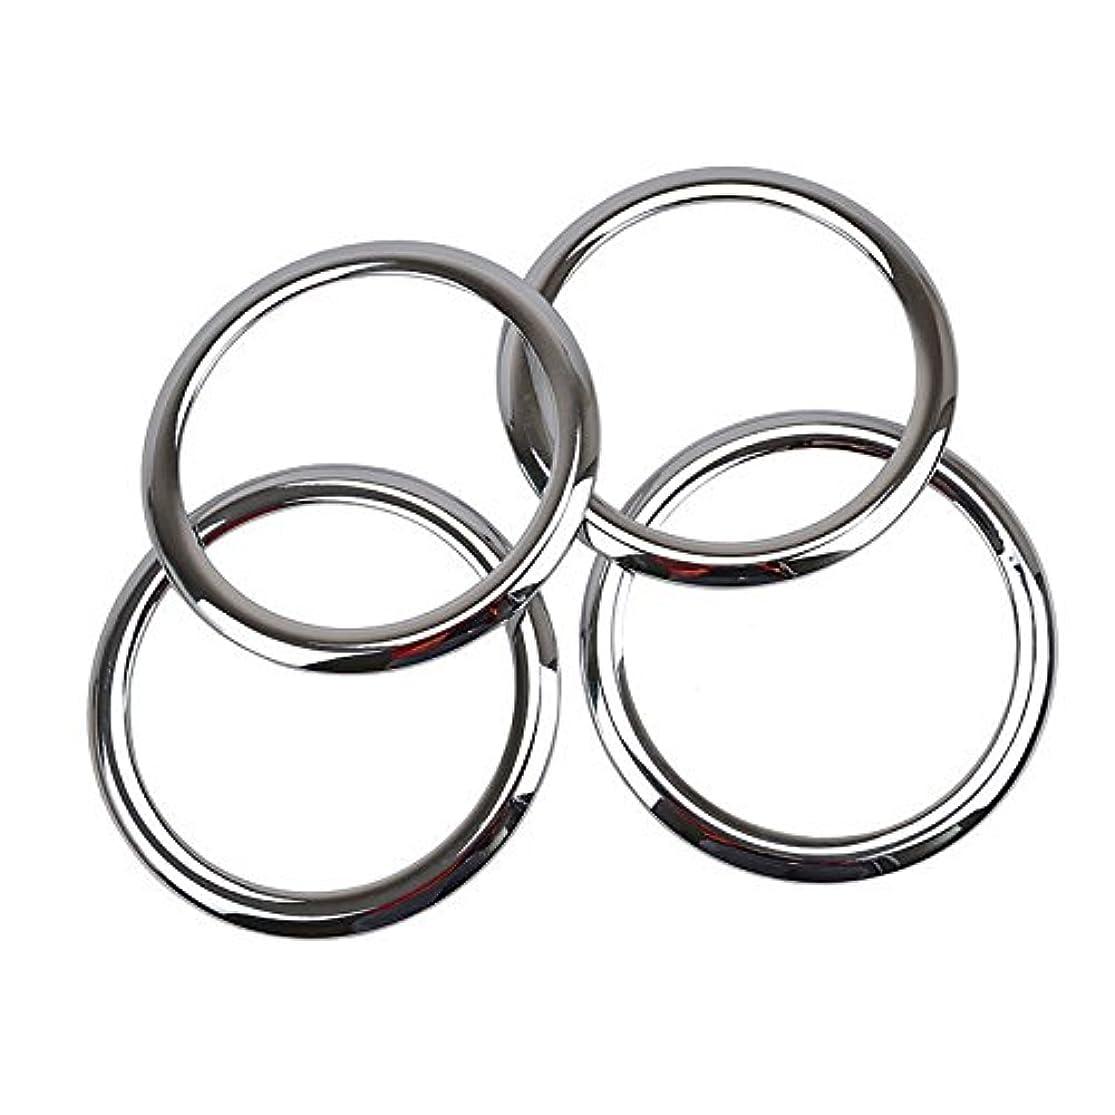 相互接続シンボルクリケットJicorzo - ABS Chrome Car Door Stereo Speaker Collar Cover Trim Bezel Fit For 2007-2015 Patriot Compass Car Interior Accessories Styling